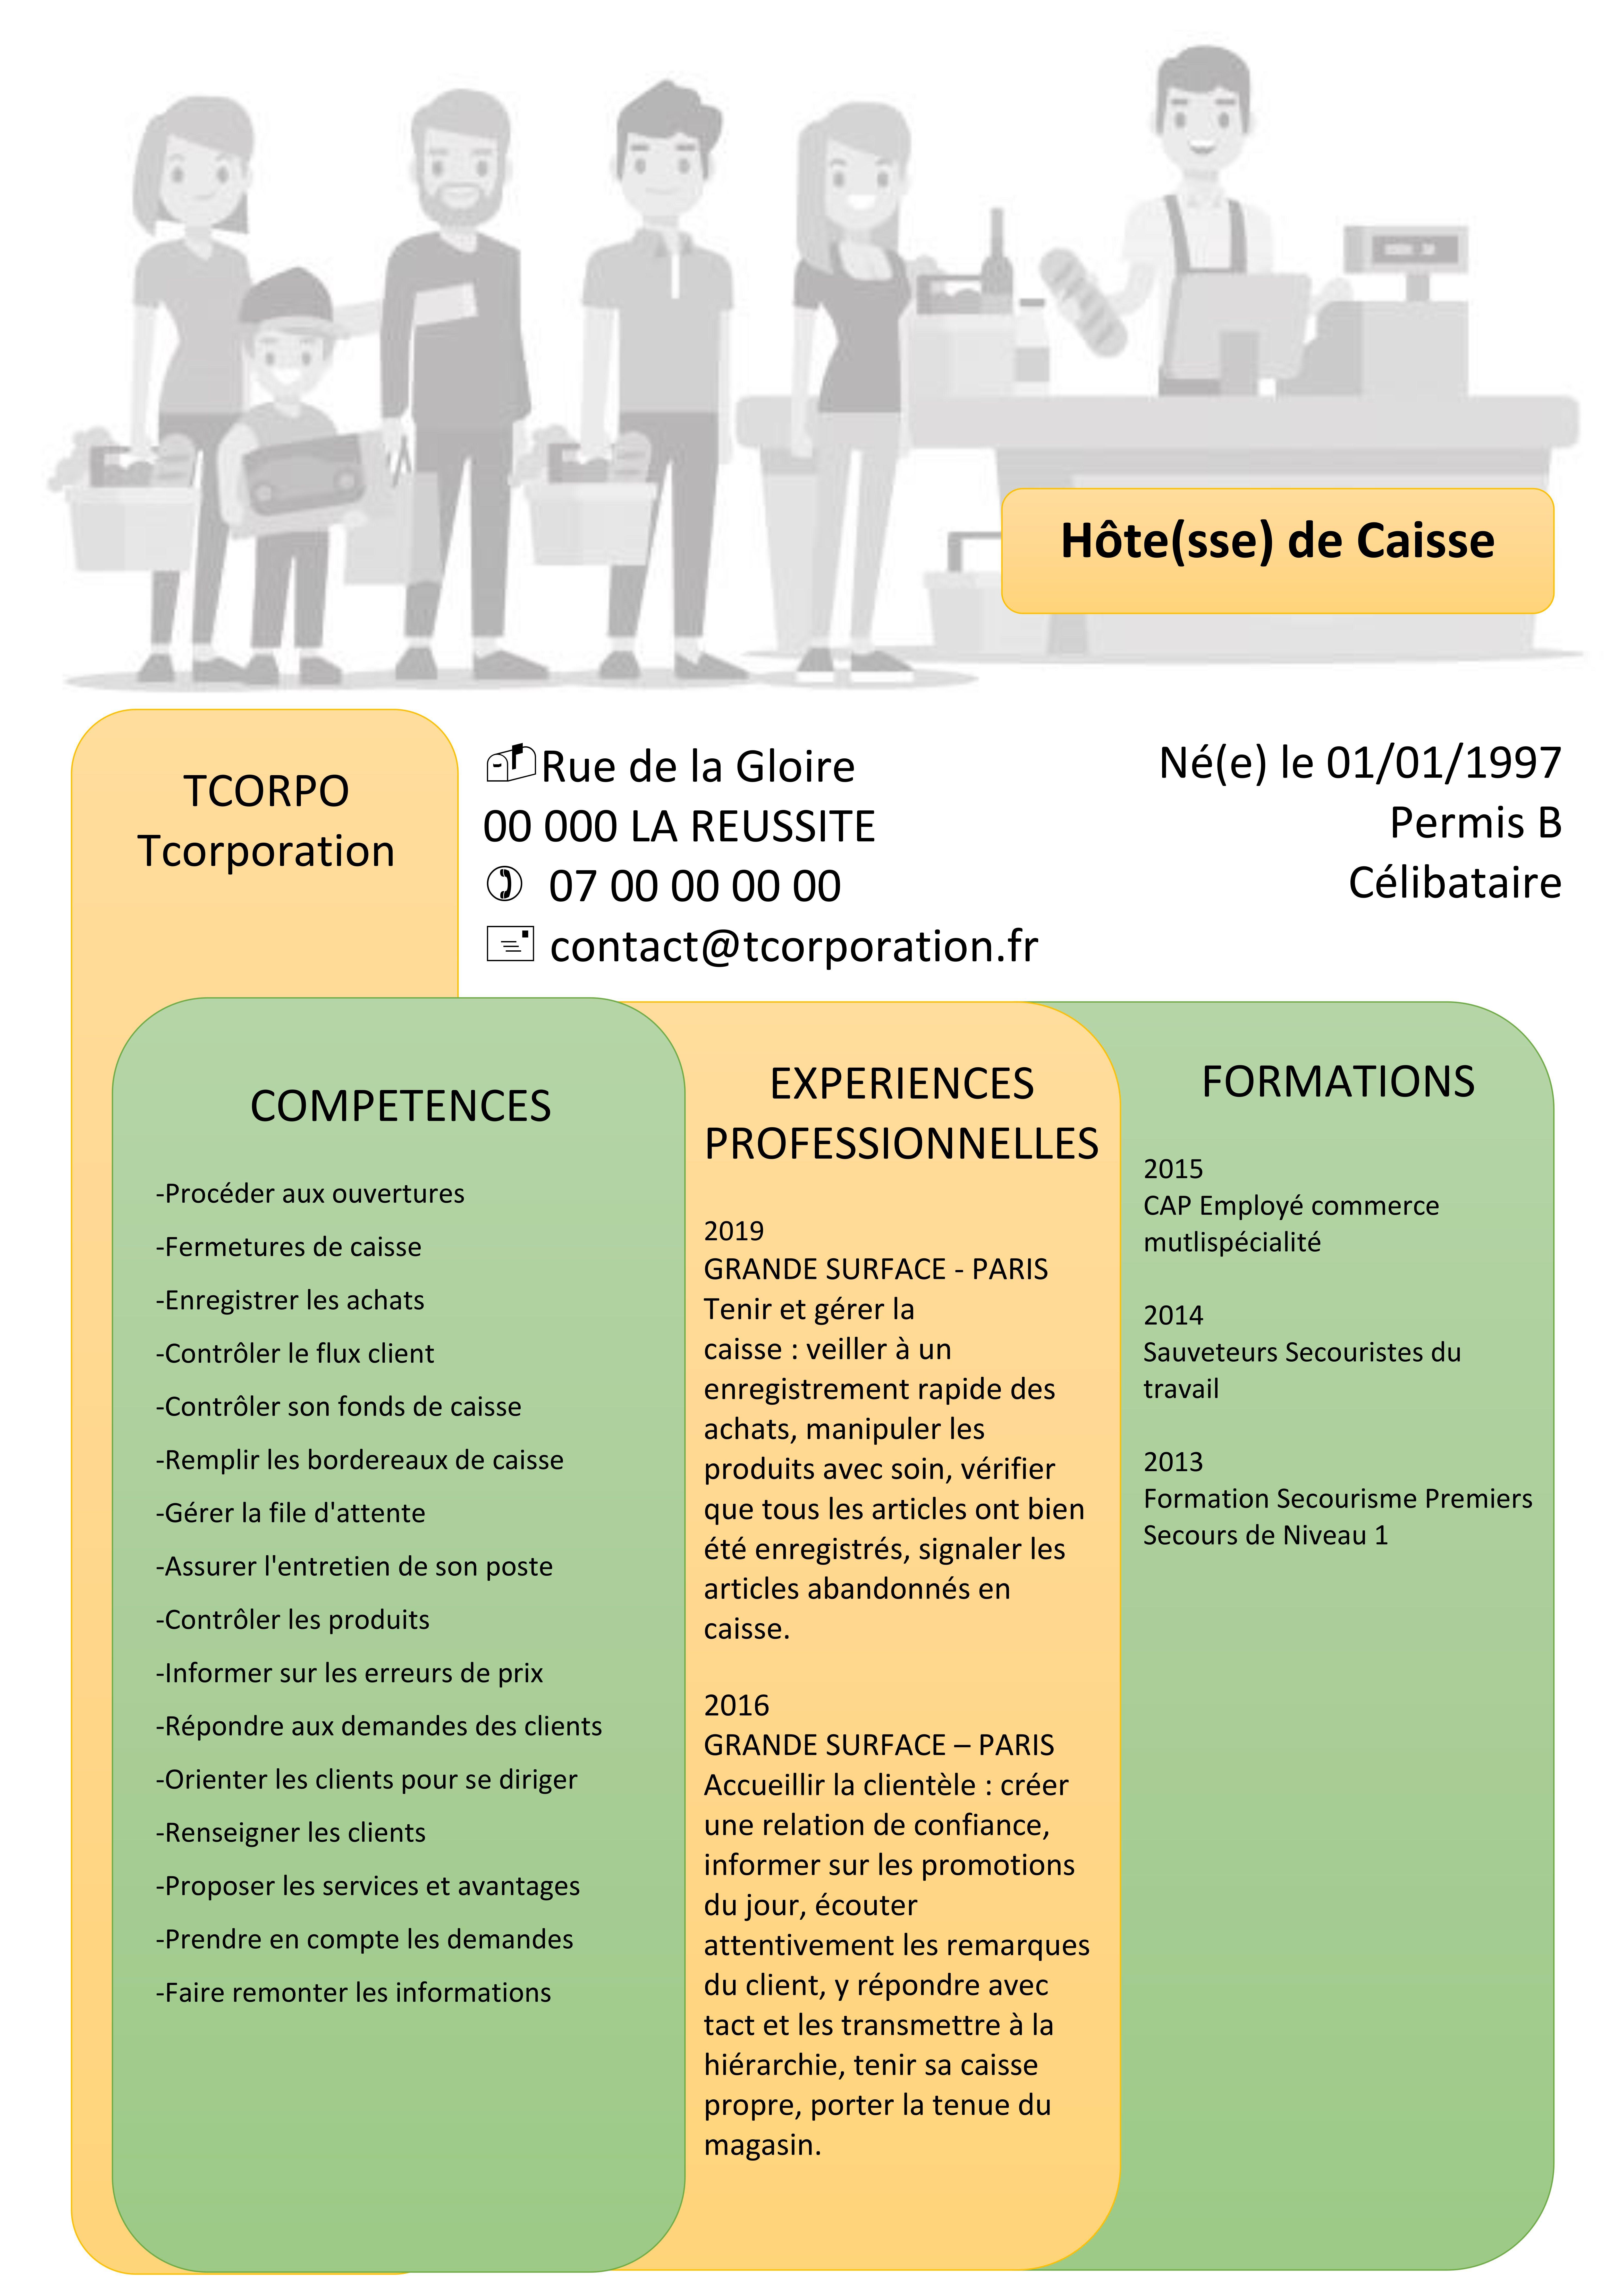 Hote Sse De Caisse Cv Experiences Professionnelles Formations Competences Hotesse De Caisse Permis B Competences